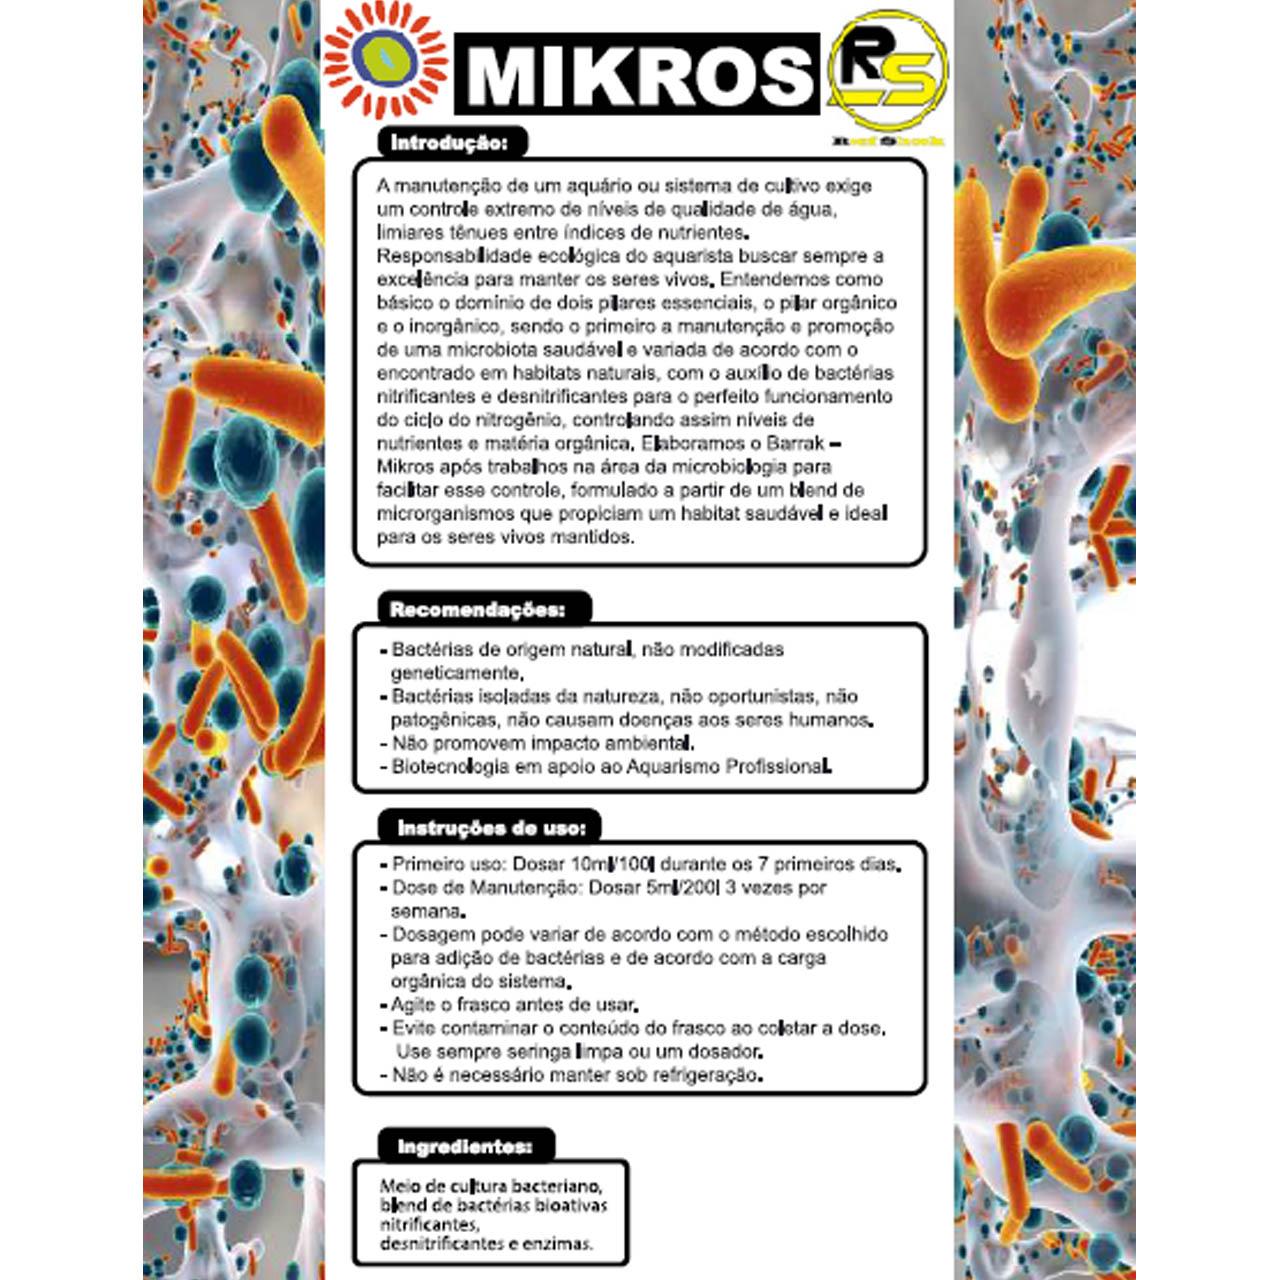 Barrak Mikros Nano 100ml Blend de Bactérias Nitrificantes e Desnitrificantes